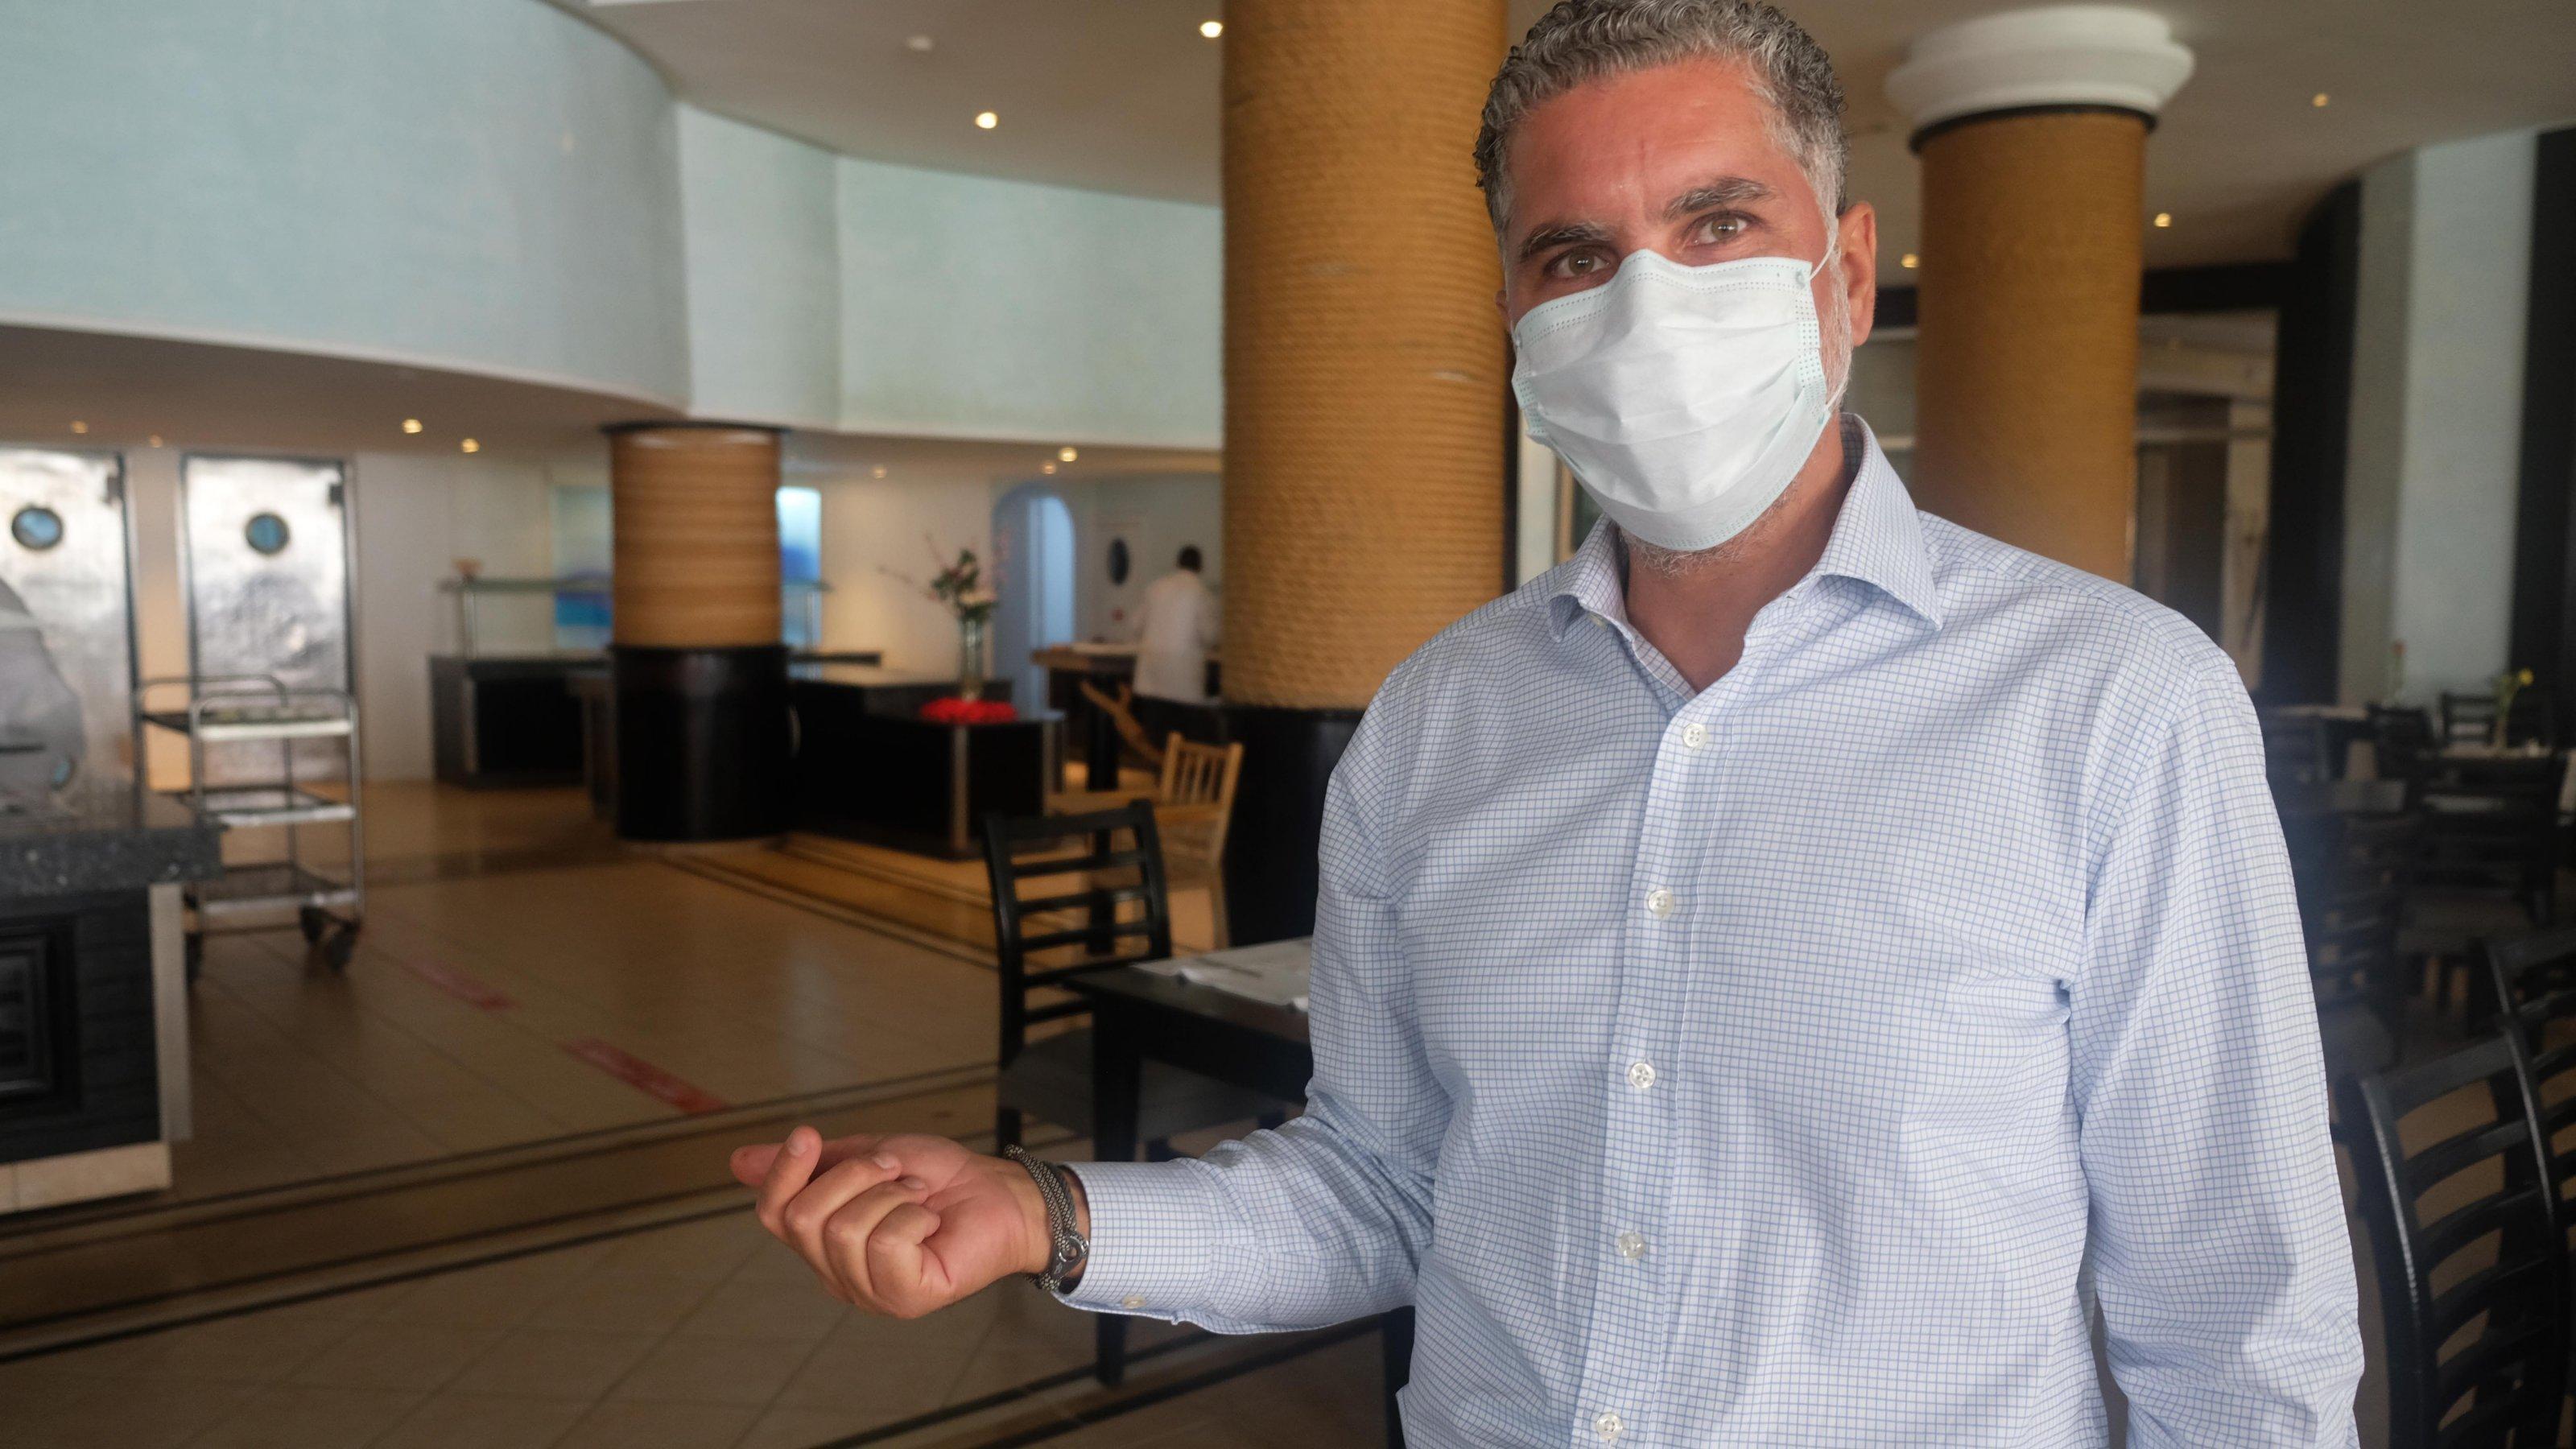 Ein Mann mit Gesichtsmaske steht im Hotelrestaurant.